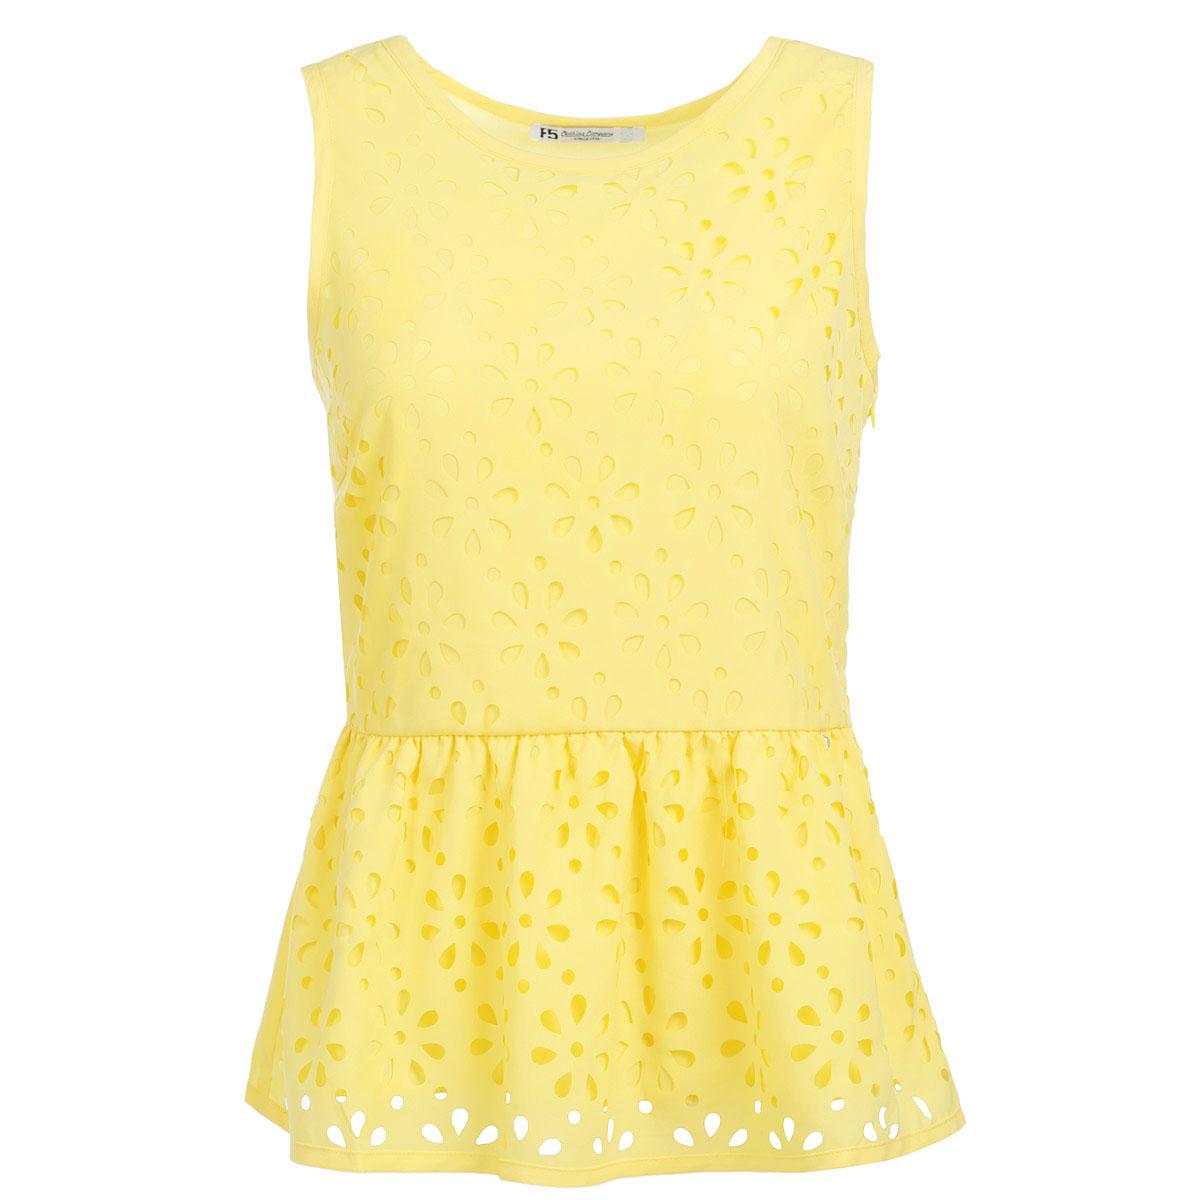 Блузка17231Очаровательная блузка F5 очень удобна и практична - прекрасный вариант на каждый день. Изготовлена блузка из полиэстера с небольшим добавлением эластана. Модель приталенного кроя с круглым вырезом горловины и без рукавов. В боковом шве расположена потайная застежка-молния. На талии блузка дополнена баской. Спереди изделие оформлено декоративной перфорацией в виде цветочного узора. Такая блузка будет гармонично смотрятся как с классическими брюками, так и с юбкой-карандаш или шортами. Модная блузка займет достойное место в вашем гардеробе.